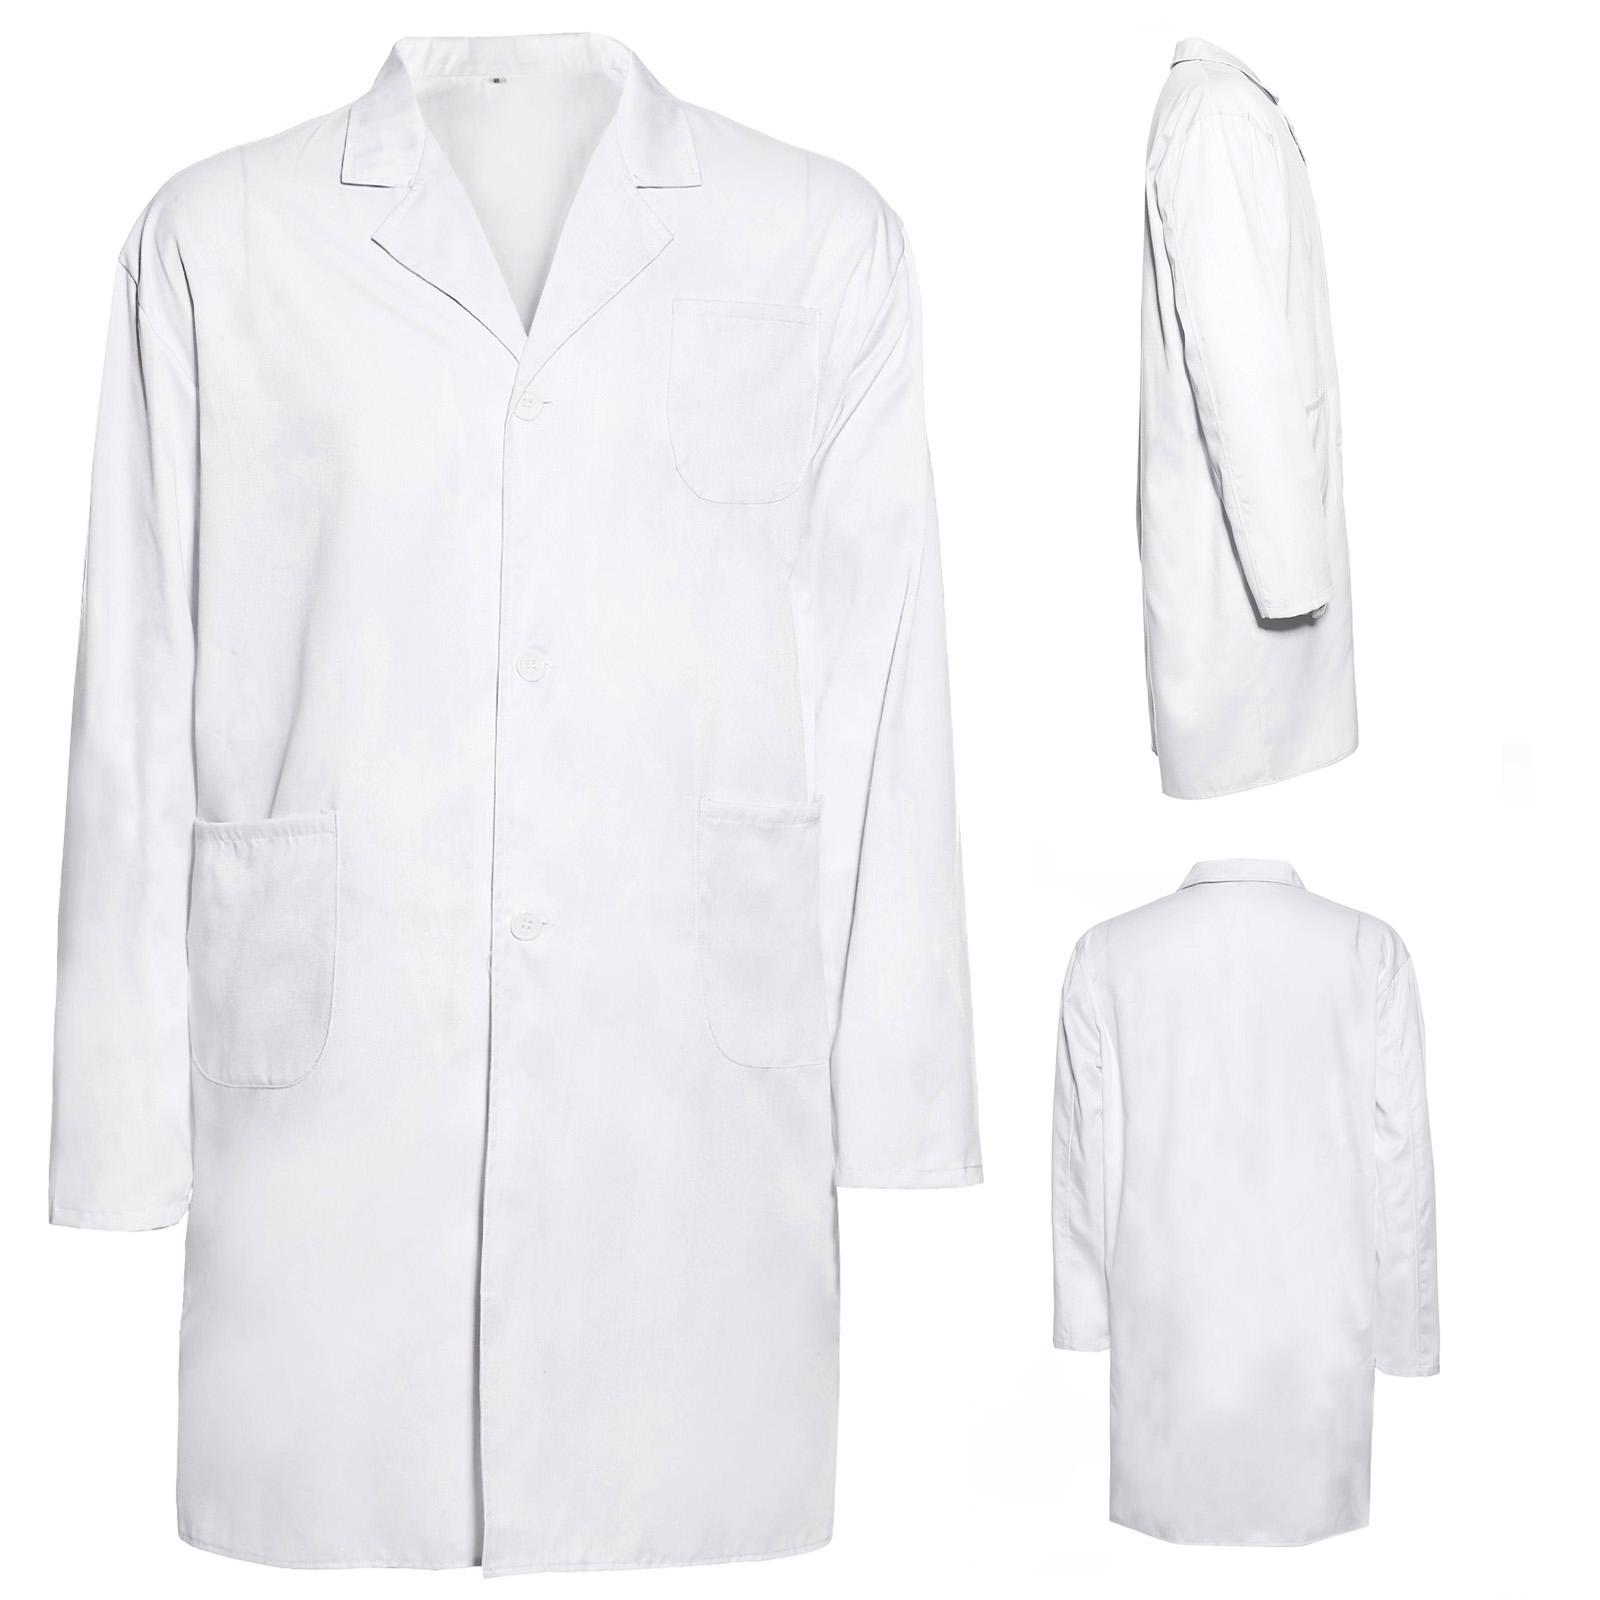 blouse blanche vetement travail etudiant laboratoire. Black Bedroom Furniture Sets. Home Design Ideas